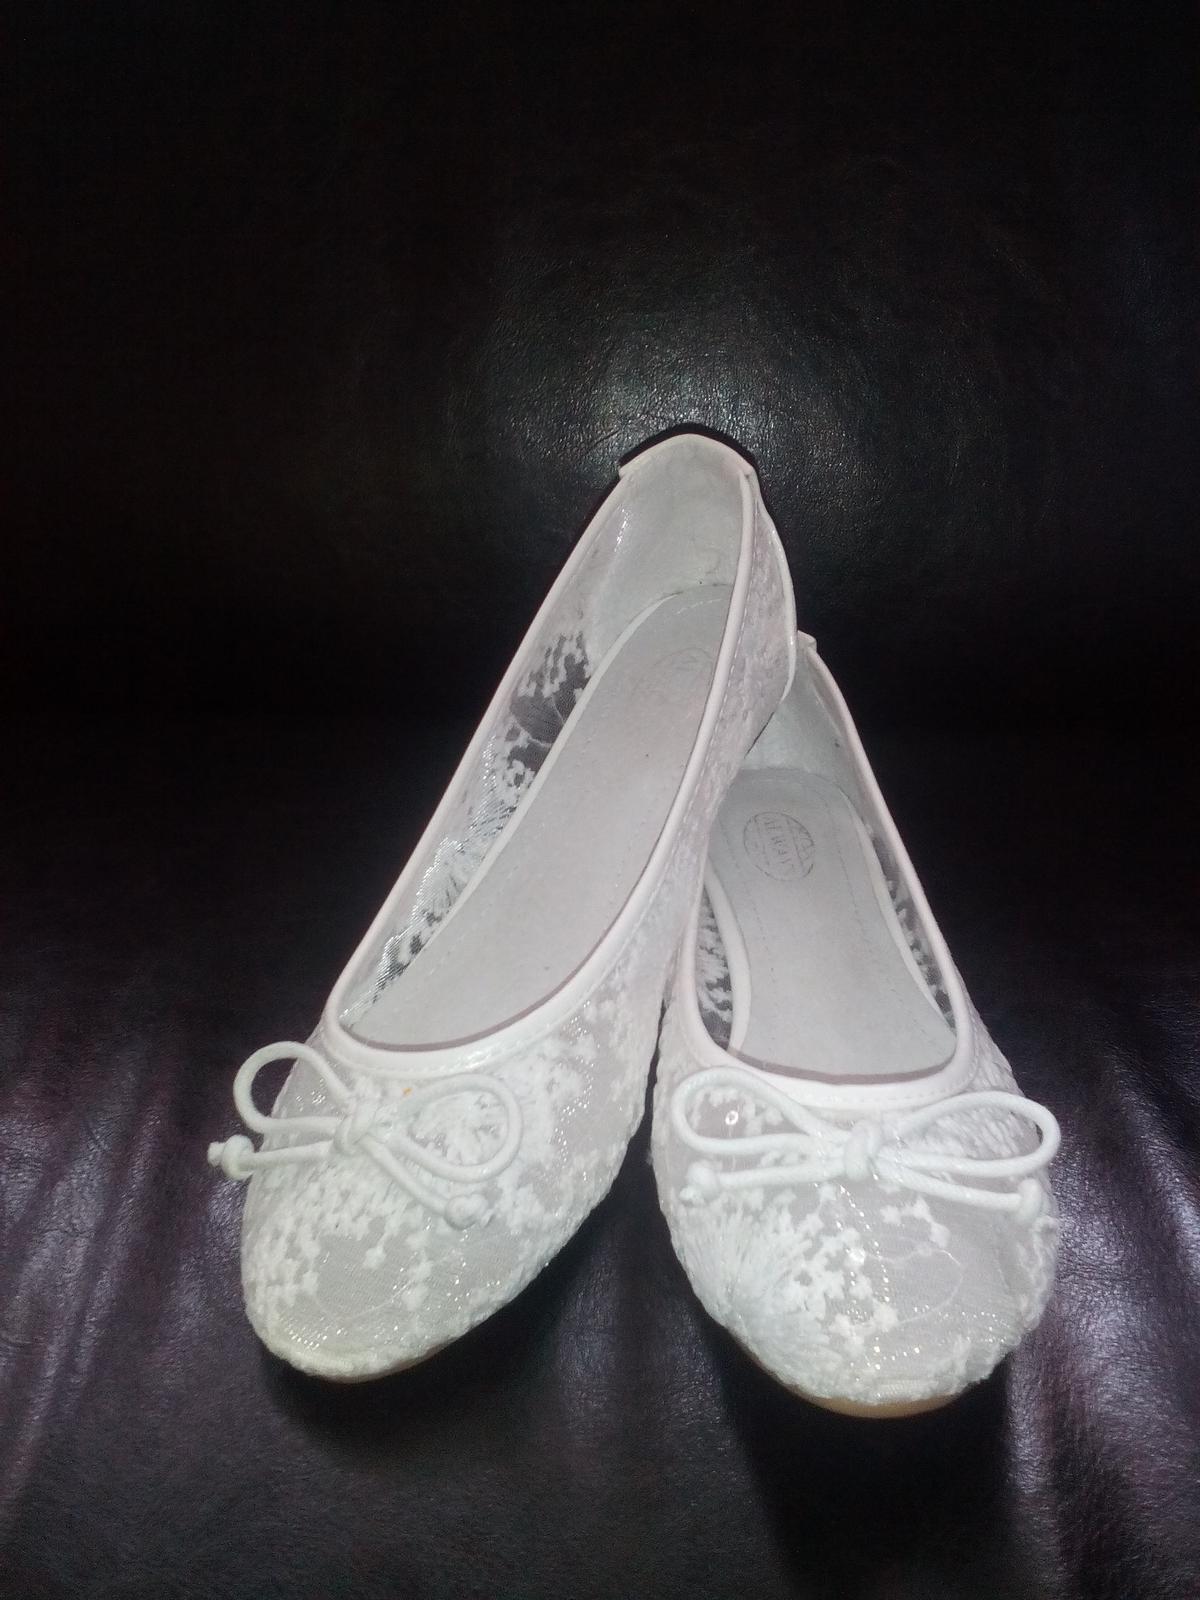 Svatební balerínky - Obrázek č. 1